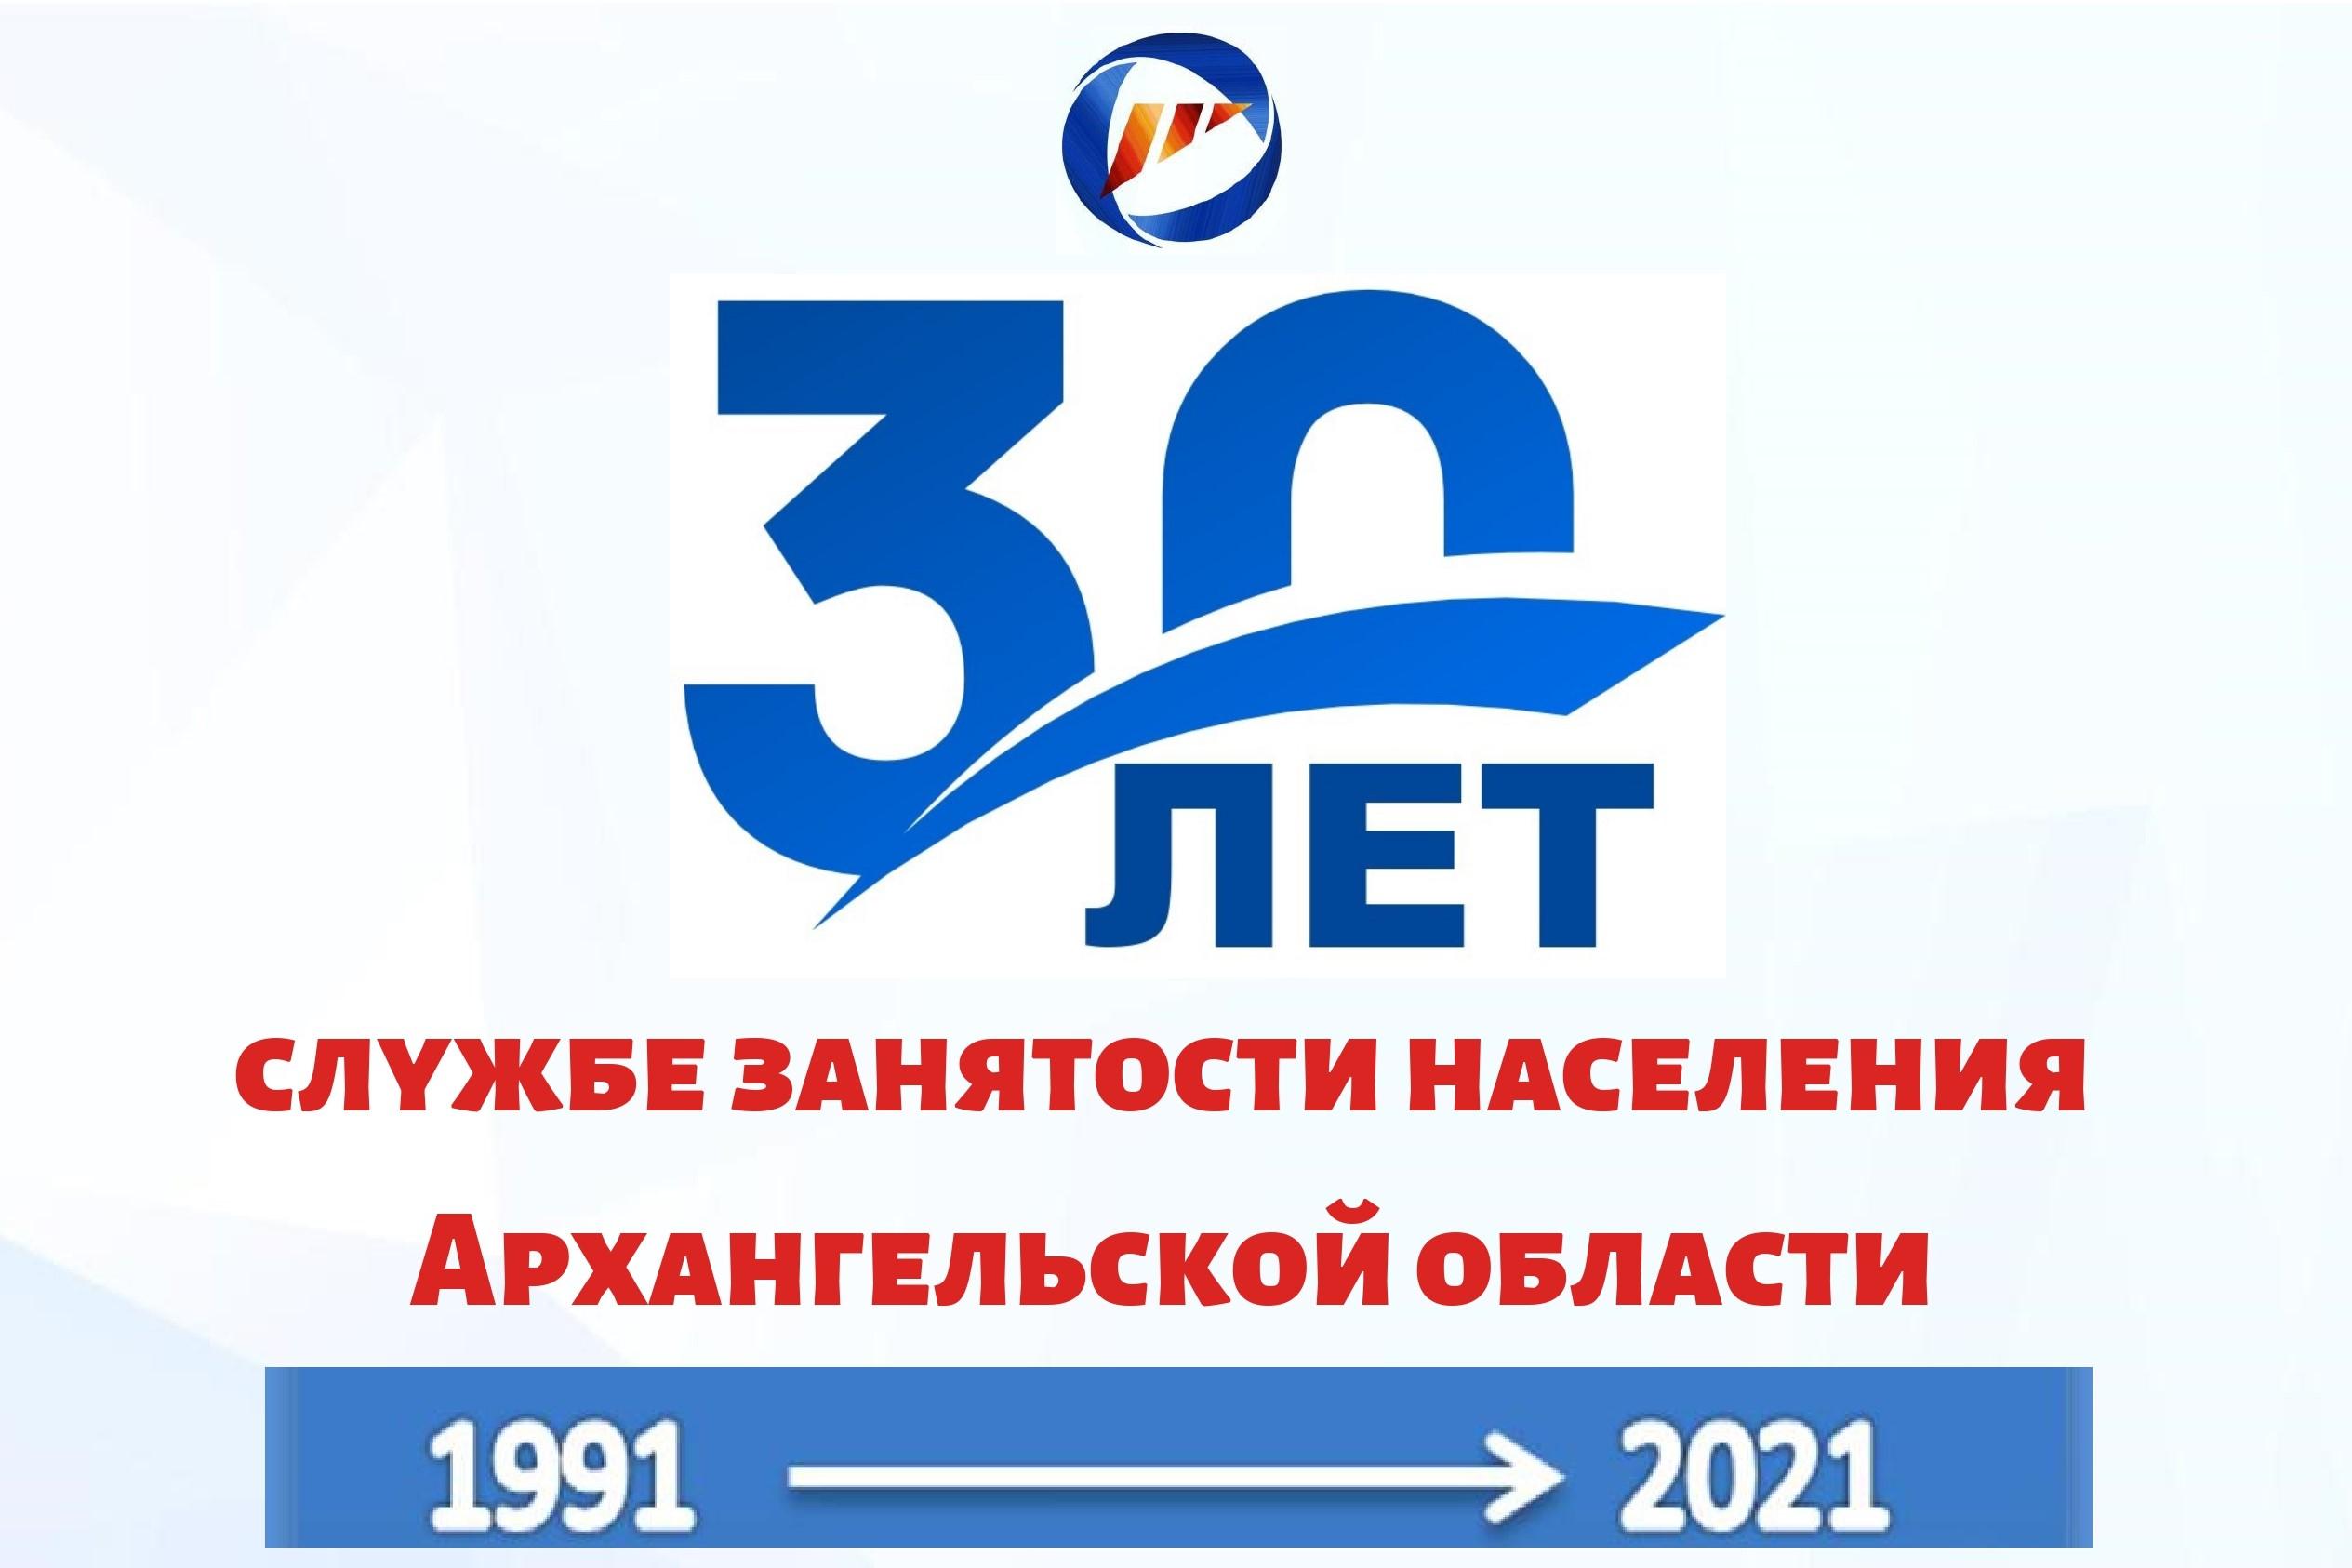 Службе занятости населения Архангельской области исполняется 30 лет